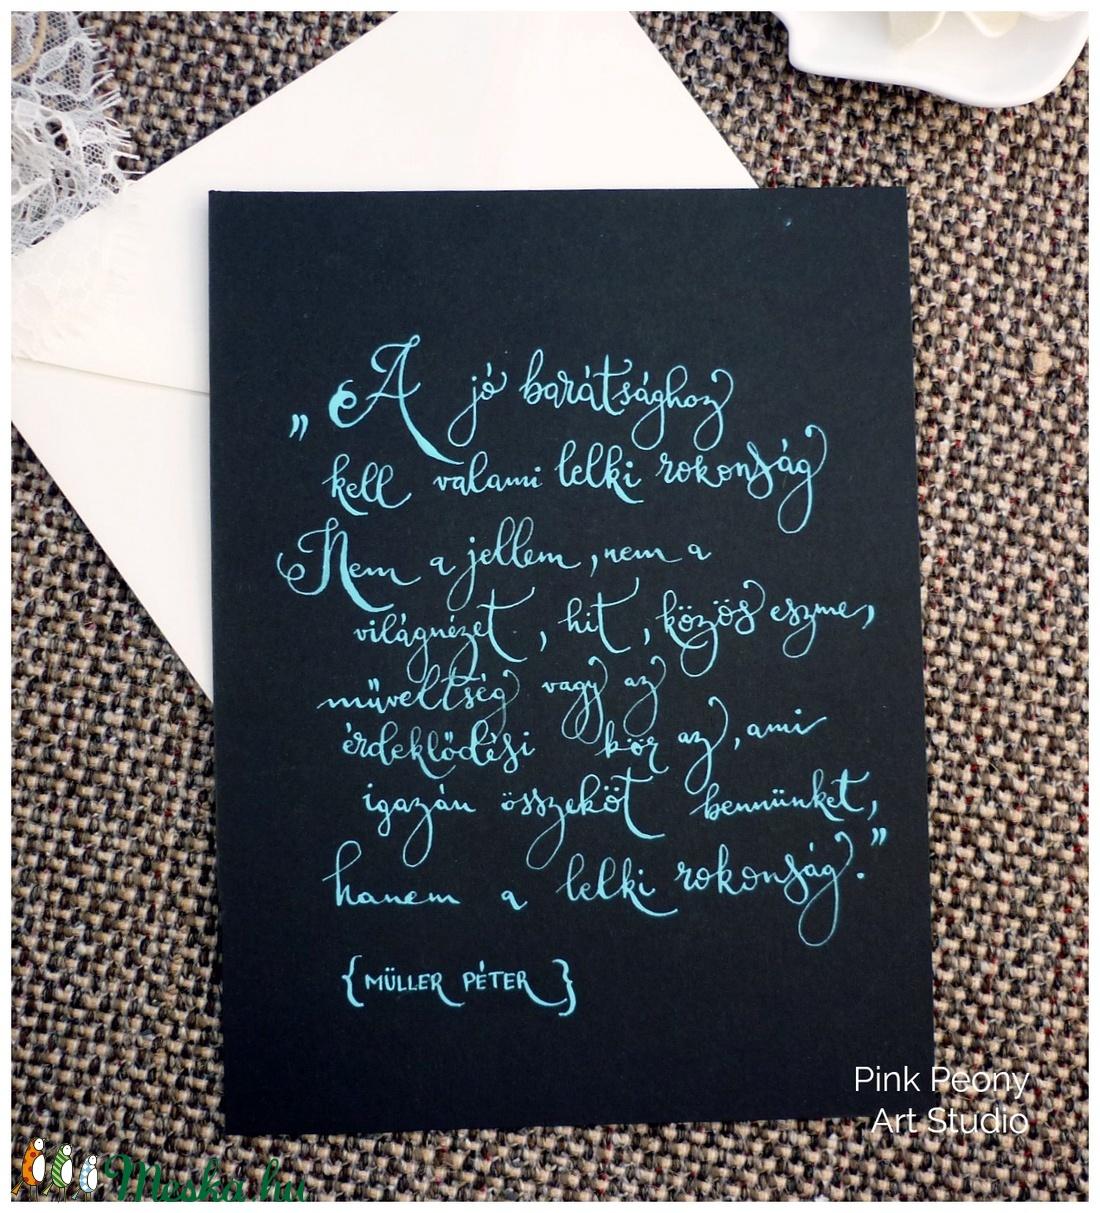 esküvői idézetek müller péter Meska   Egyedi Kézműves Termékek és Ajándékok Közvetlenül a